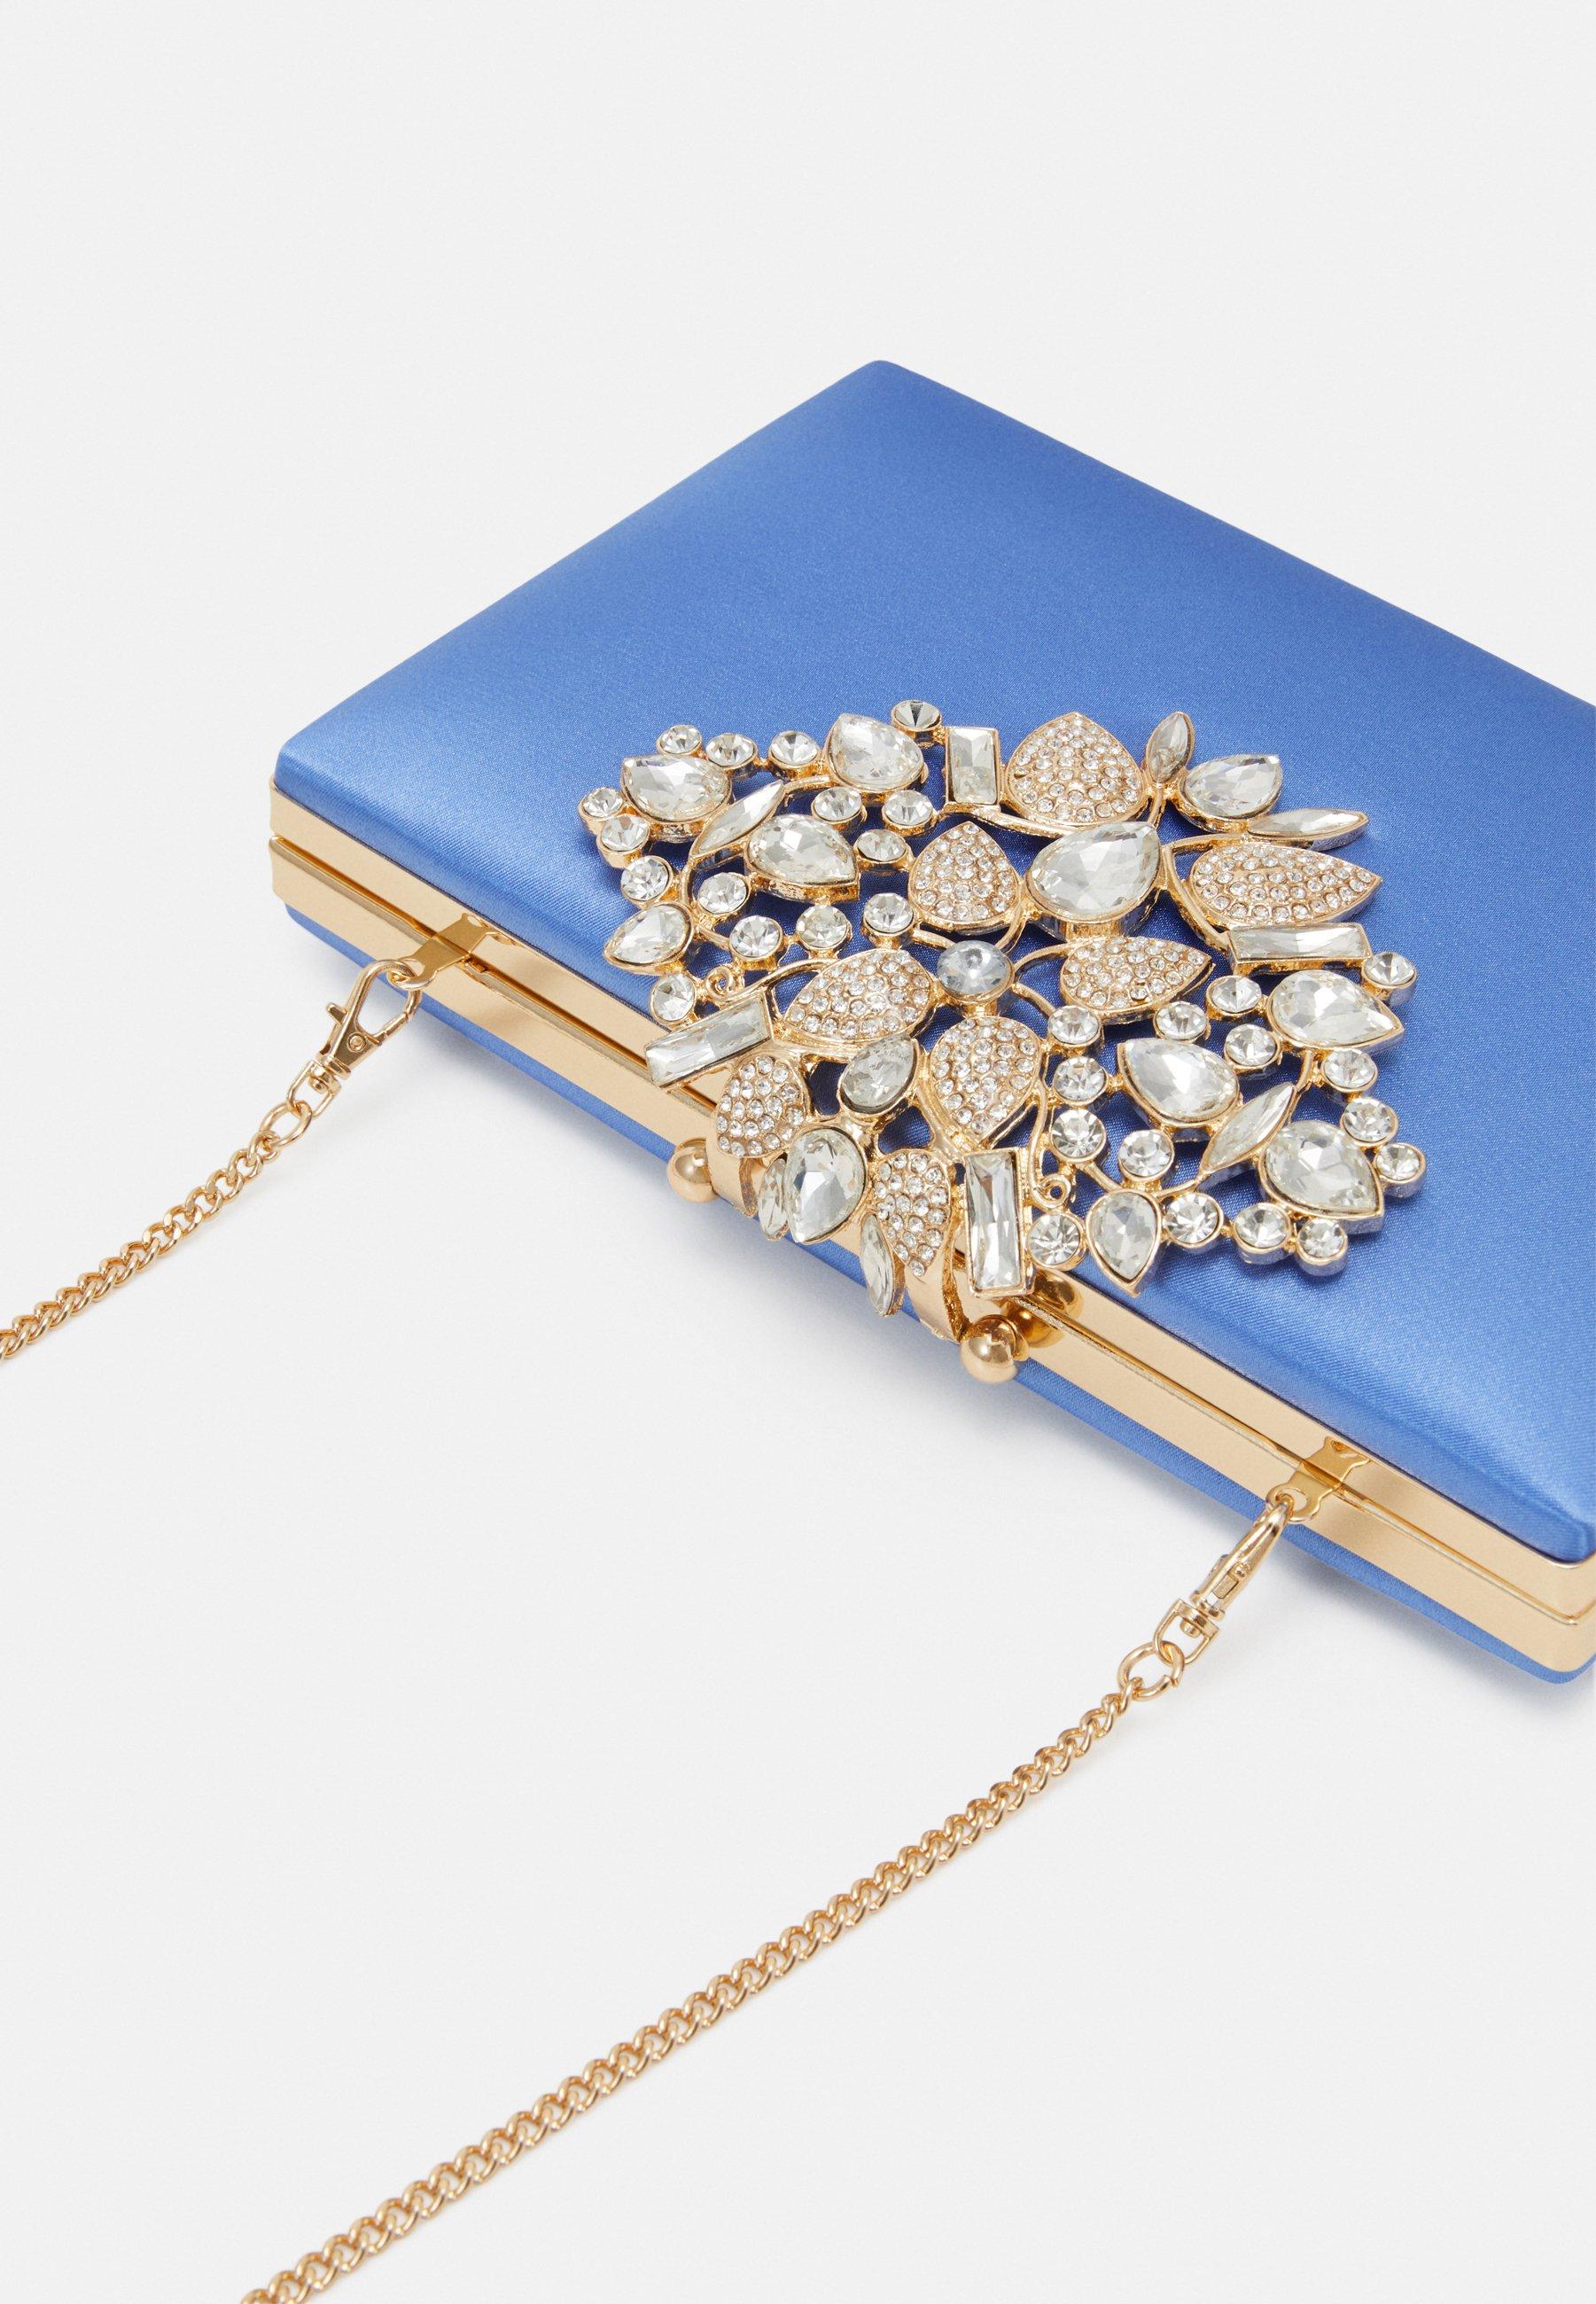 Forever New CANDICE EMBELISHED - Clutch - pale blue/blå nLs4hMoggA9fcKQ